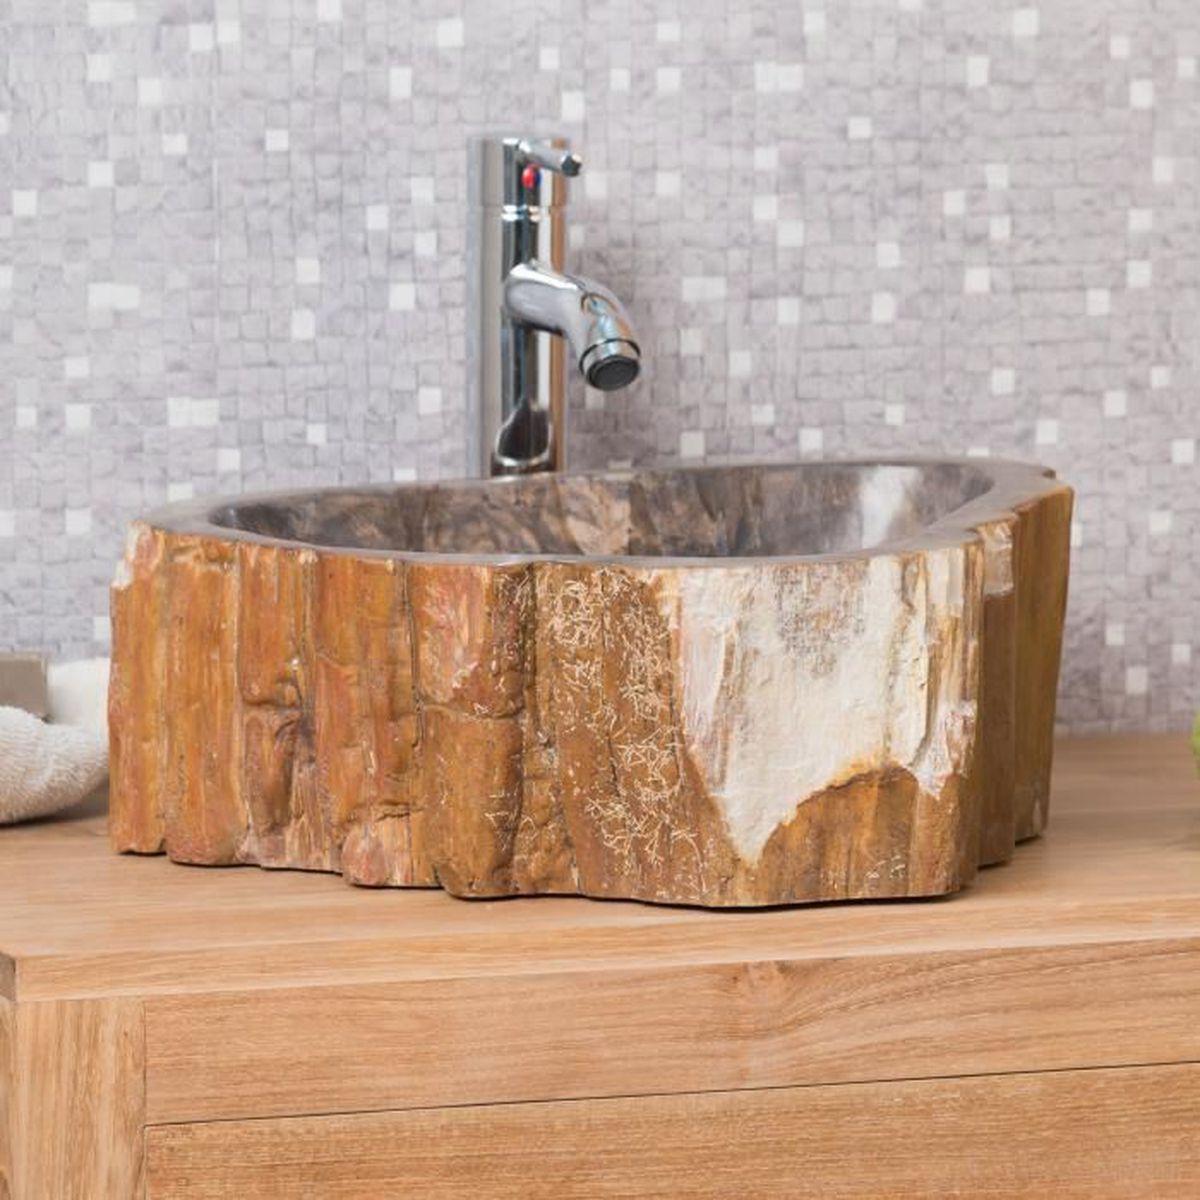 lavabo de salle de bain en bois p trifi fossilis marron 41 cm achat vente lavabo vasque. Black Bedroom Furniture Sets. Home Design Ideas